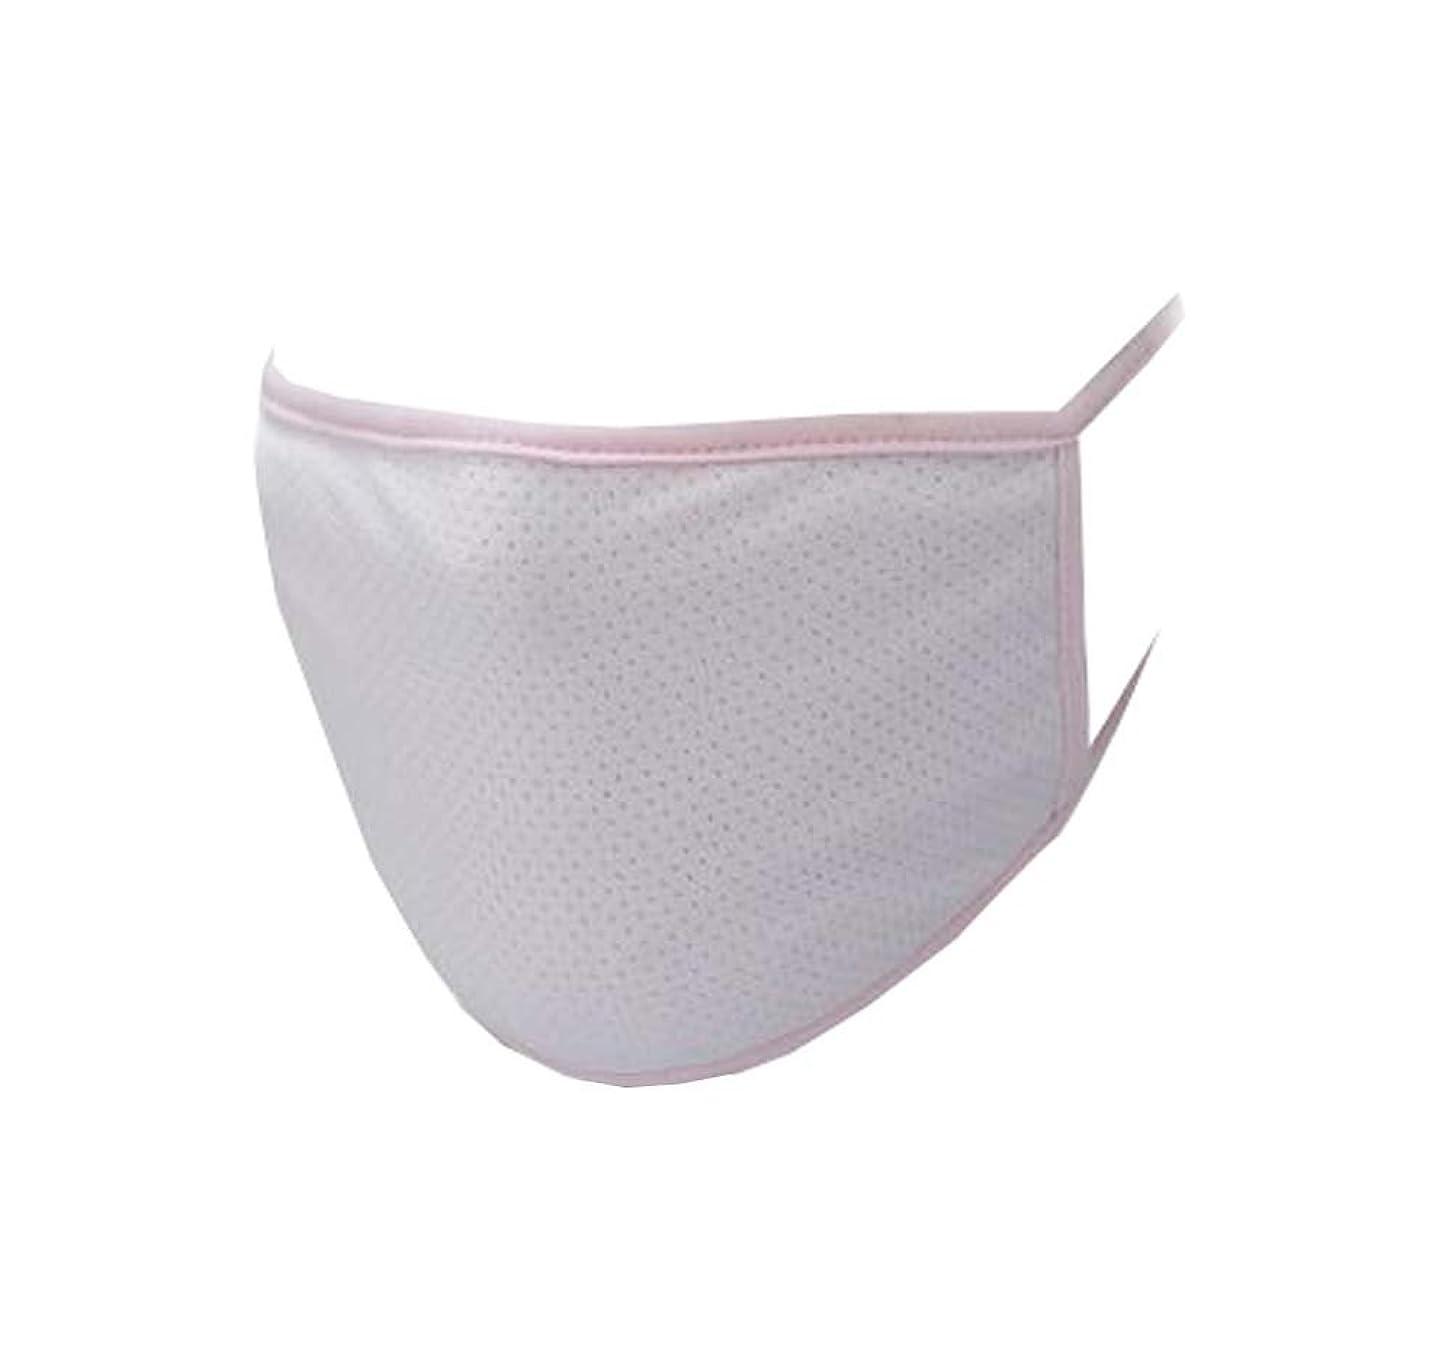 提案長方形新しさ口マスク、再使用可能フィルター - 埃、花粉、アレルゲン、抗UV、およびインフルエンザ菌 - D